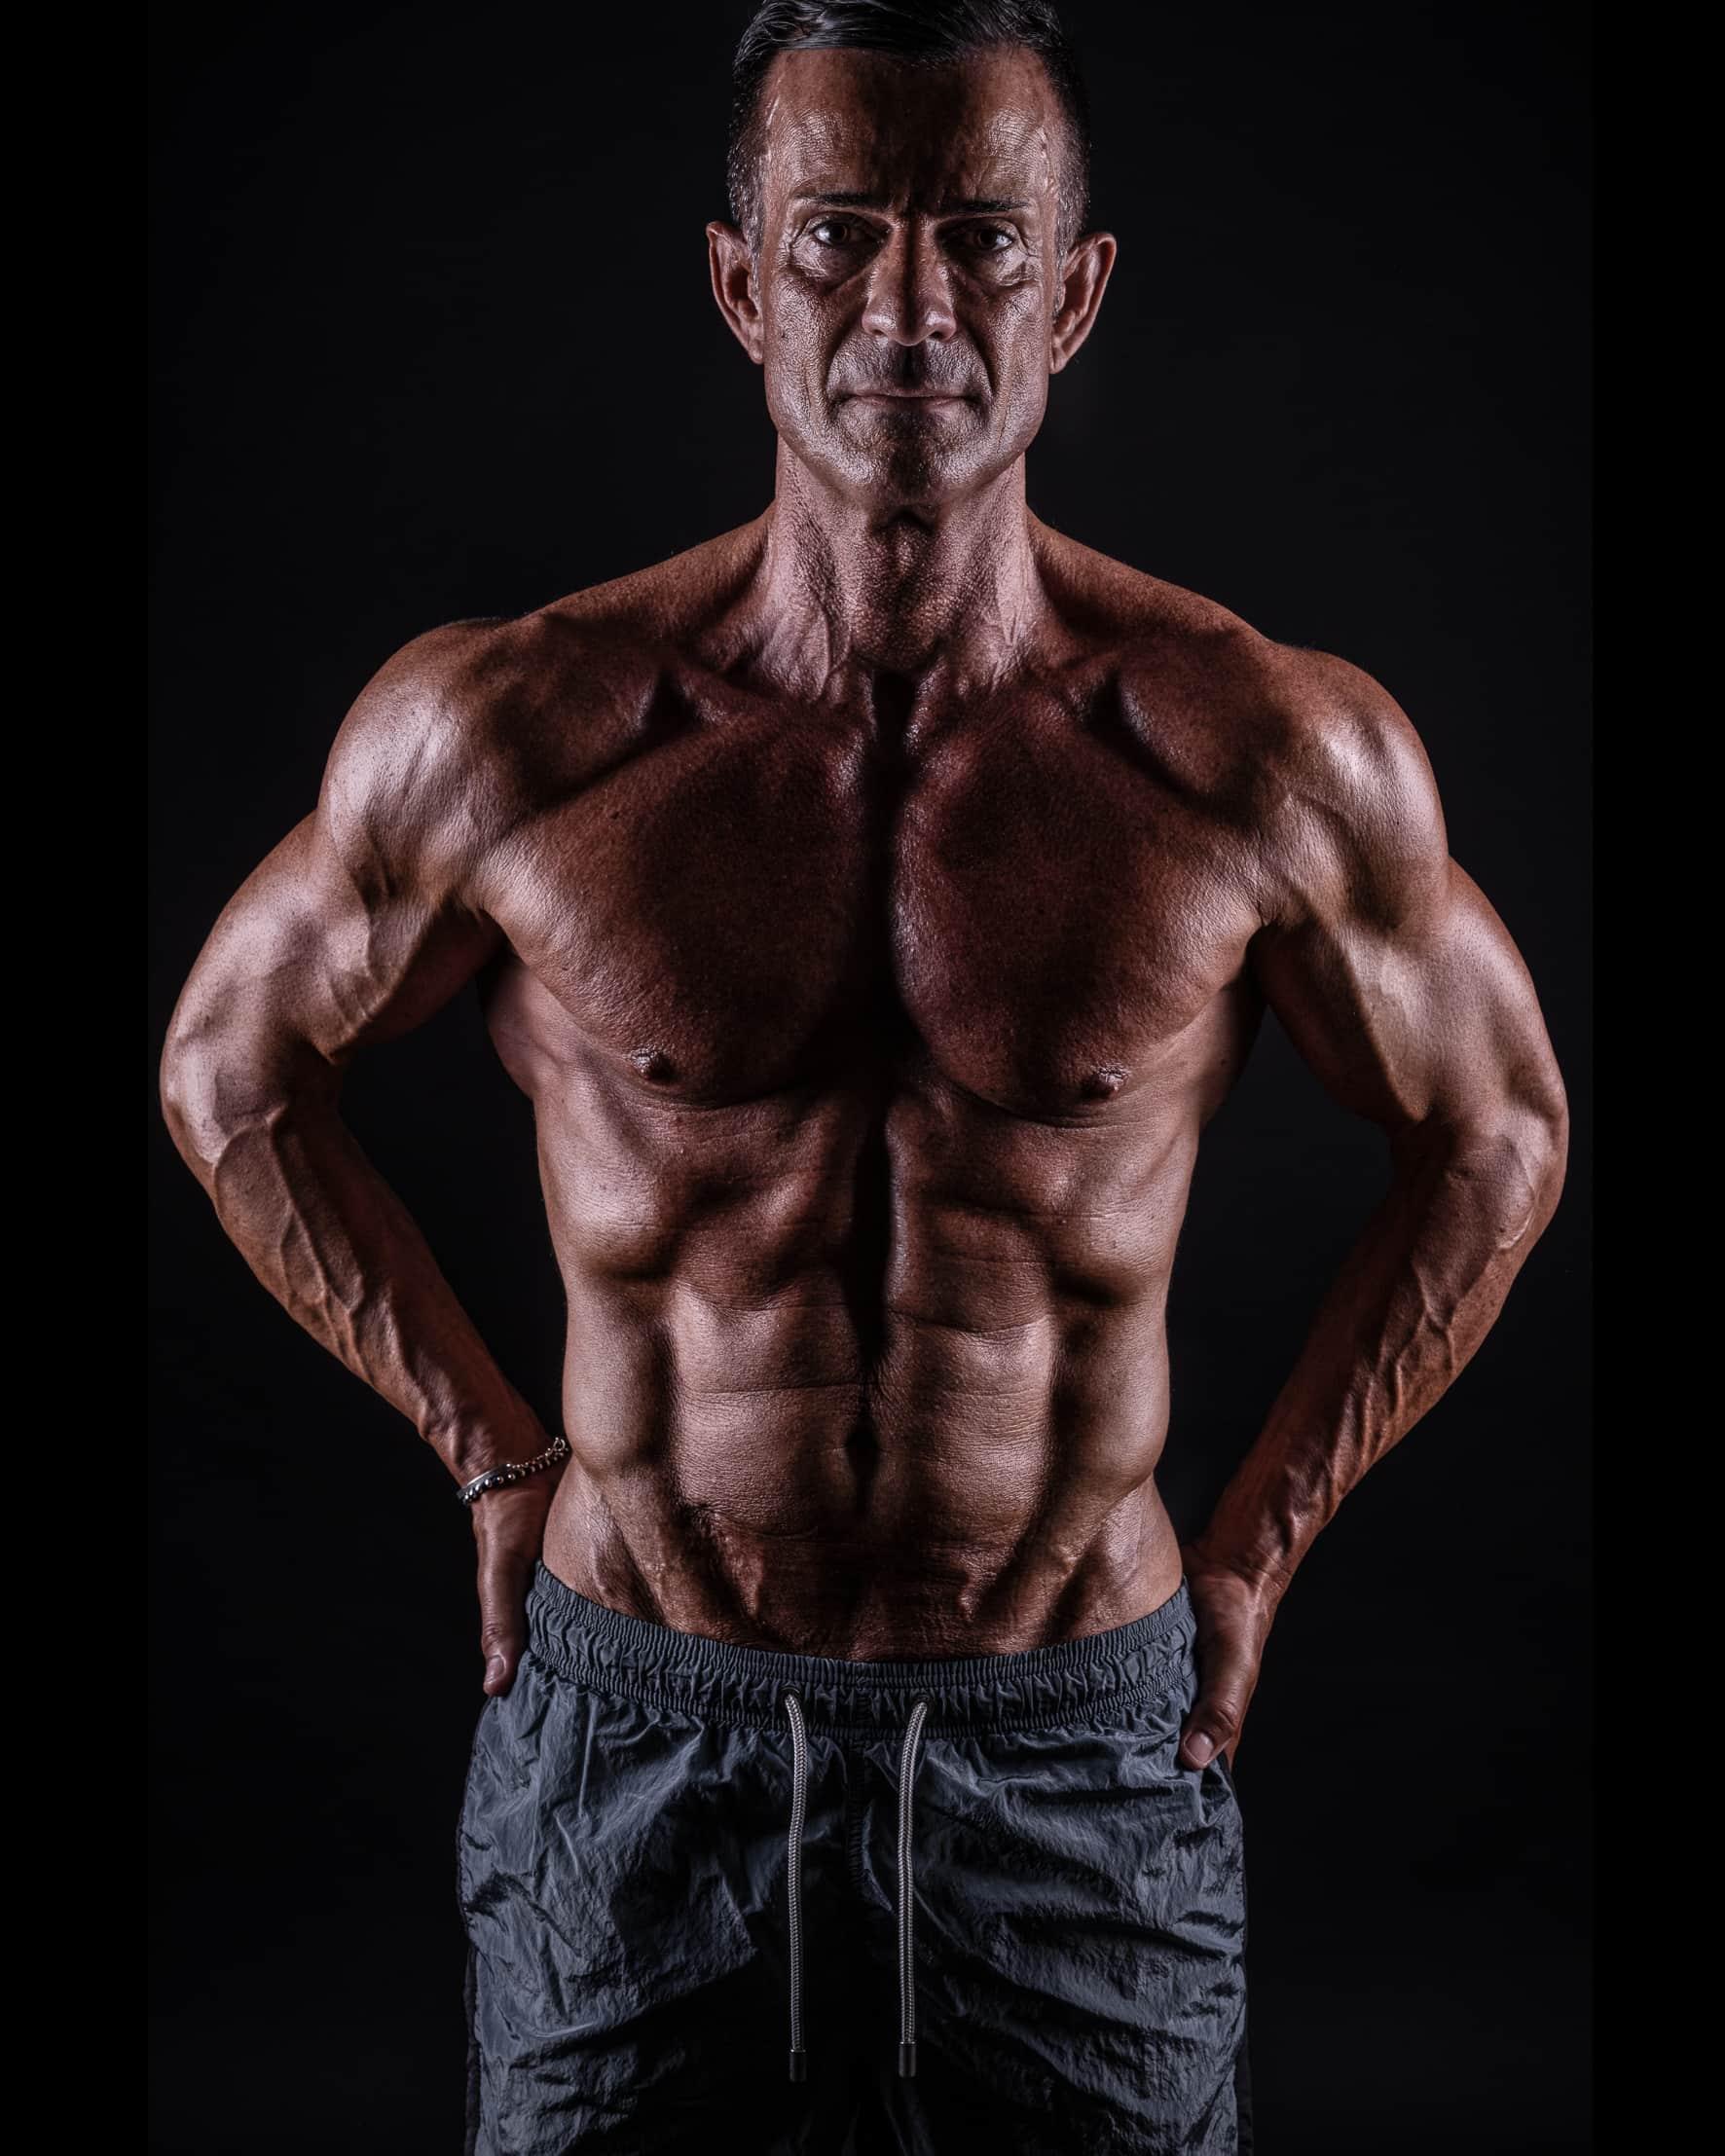 fotografofitness studio fotografico ragazzo con busto muscoloso e pantaloncini su sfondo nero